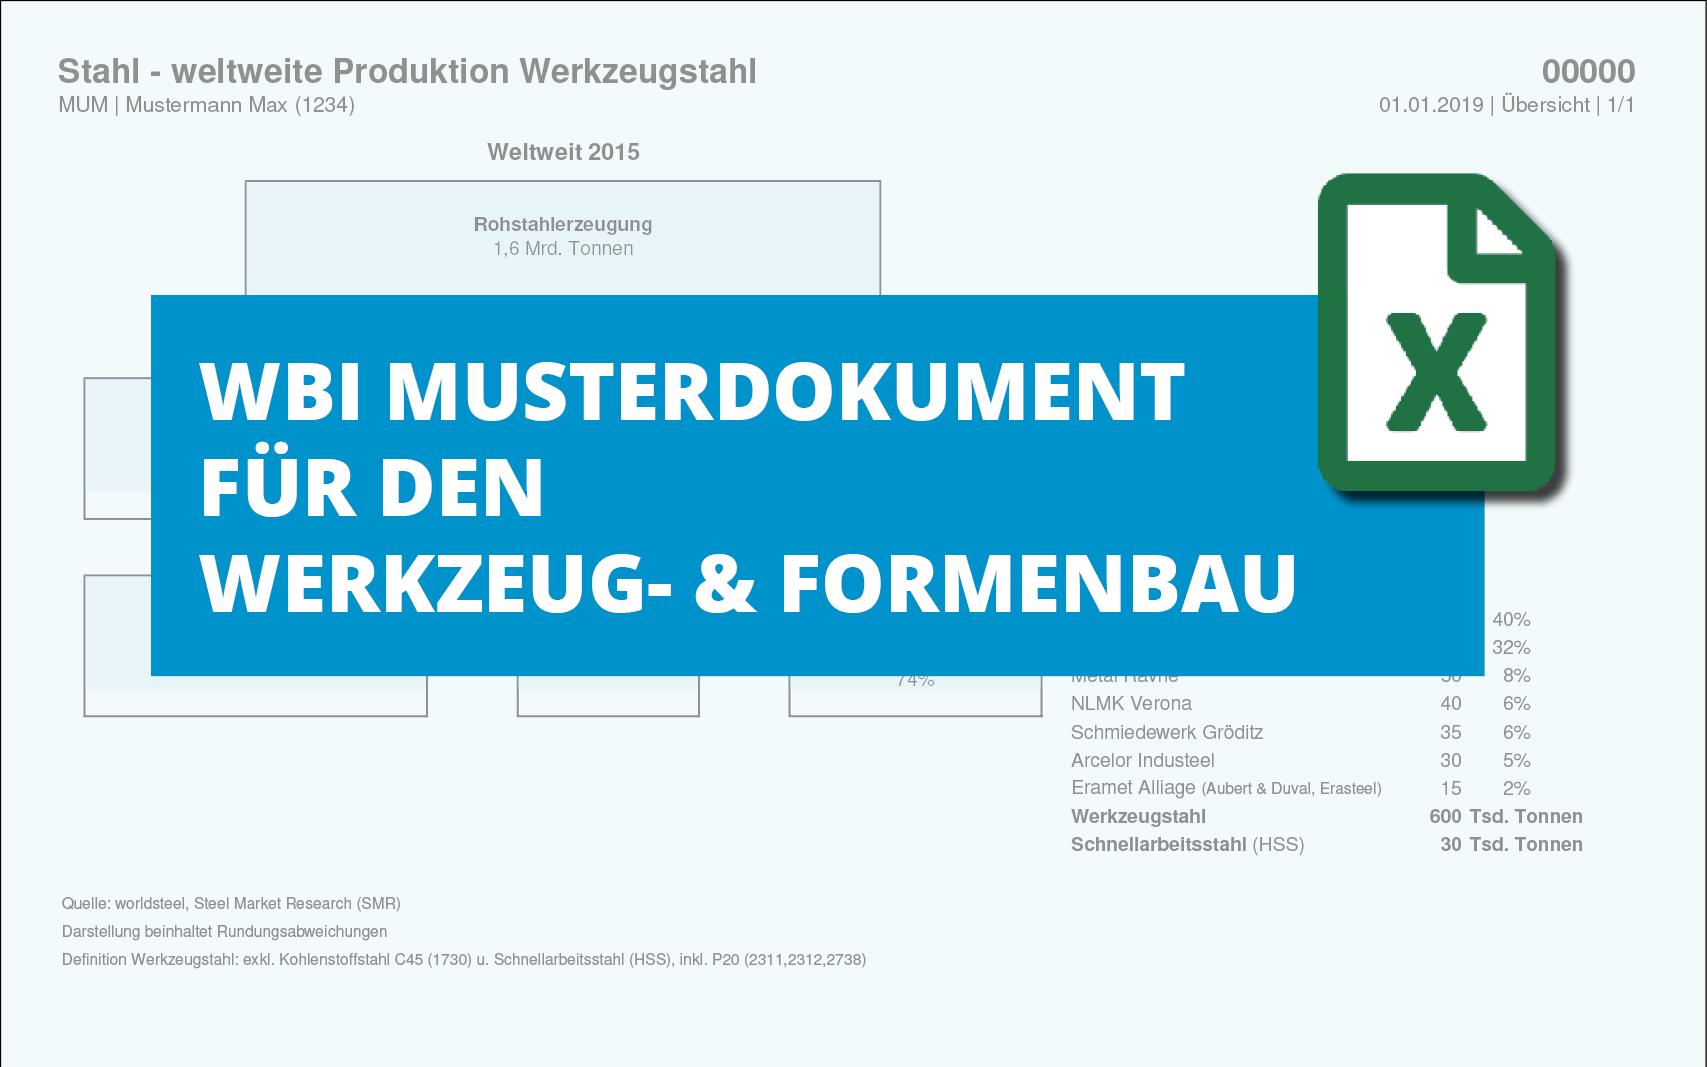 stahl-weltweite-produktion-werkzeugstahl